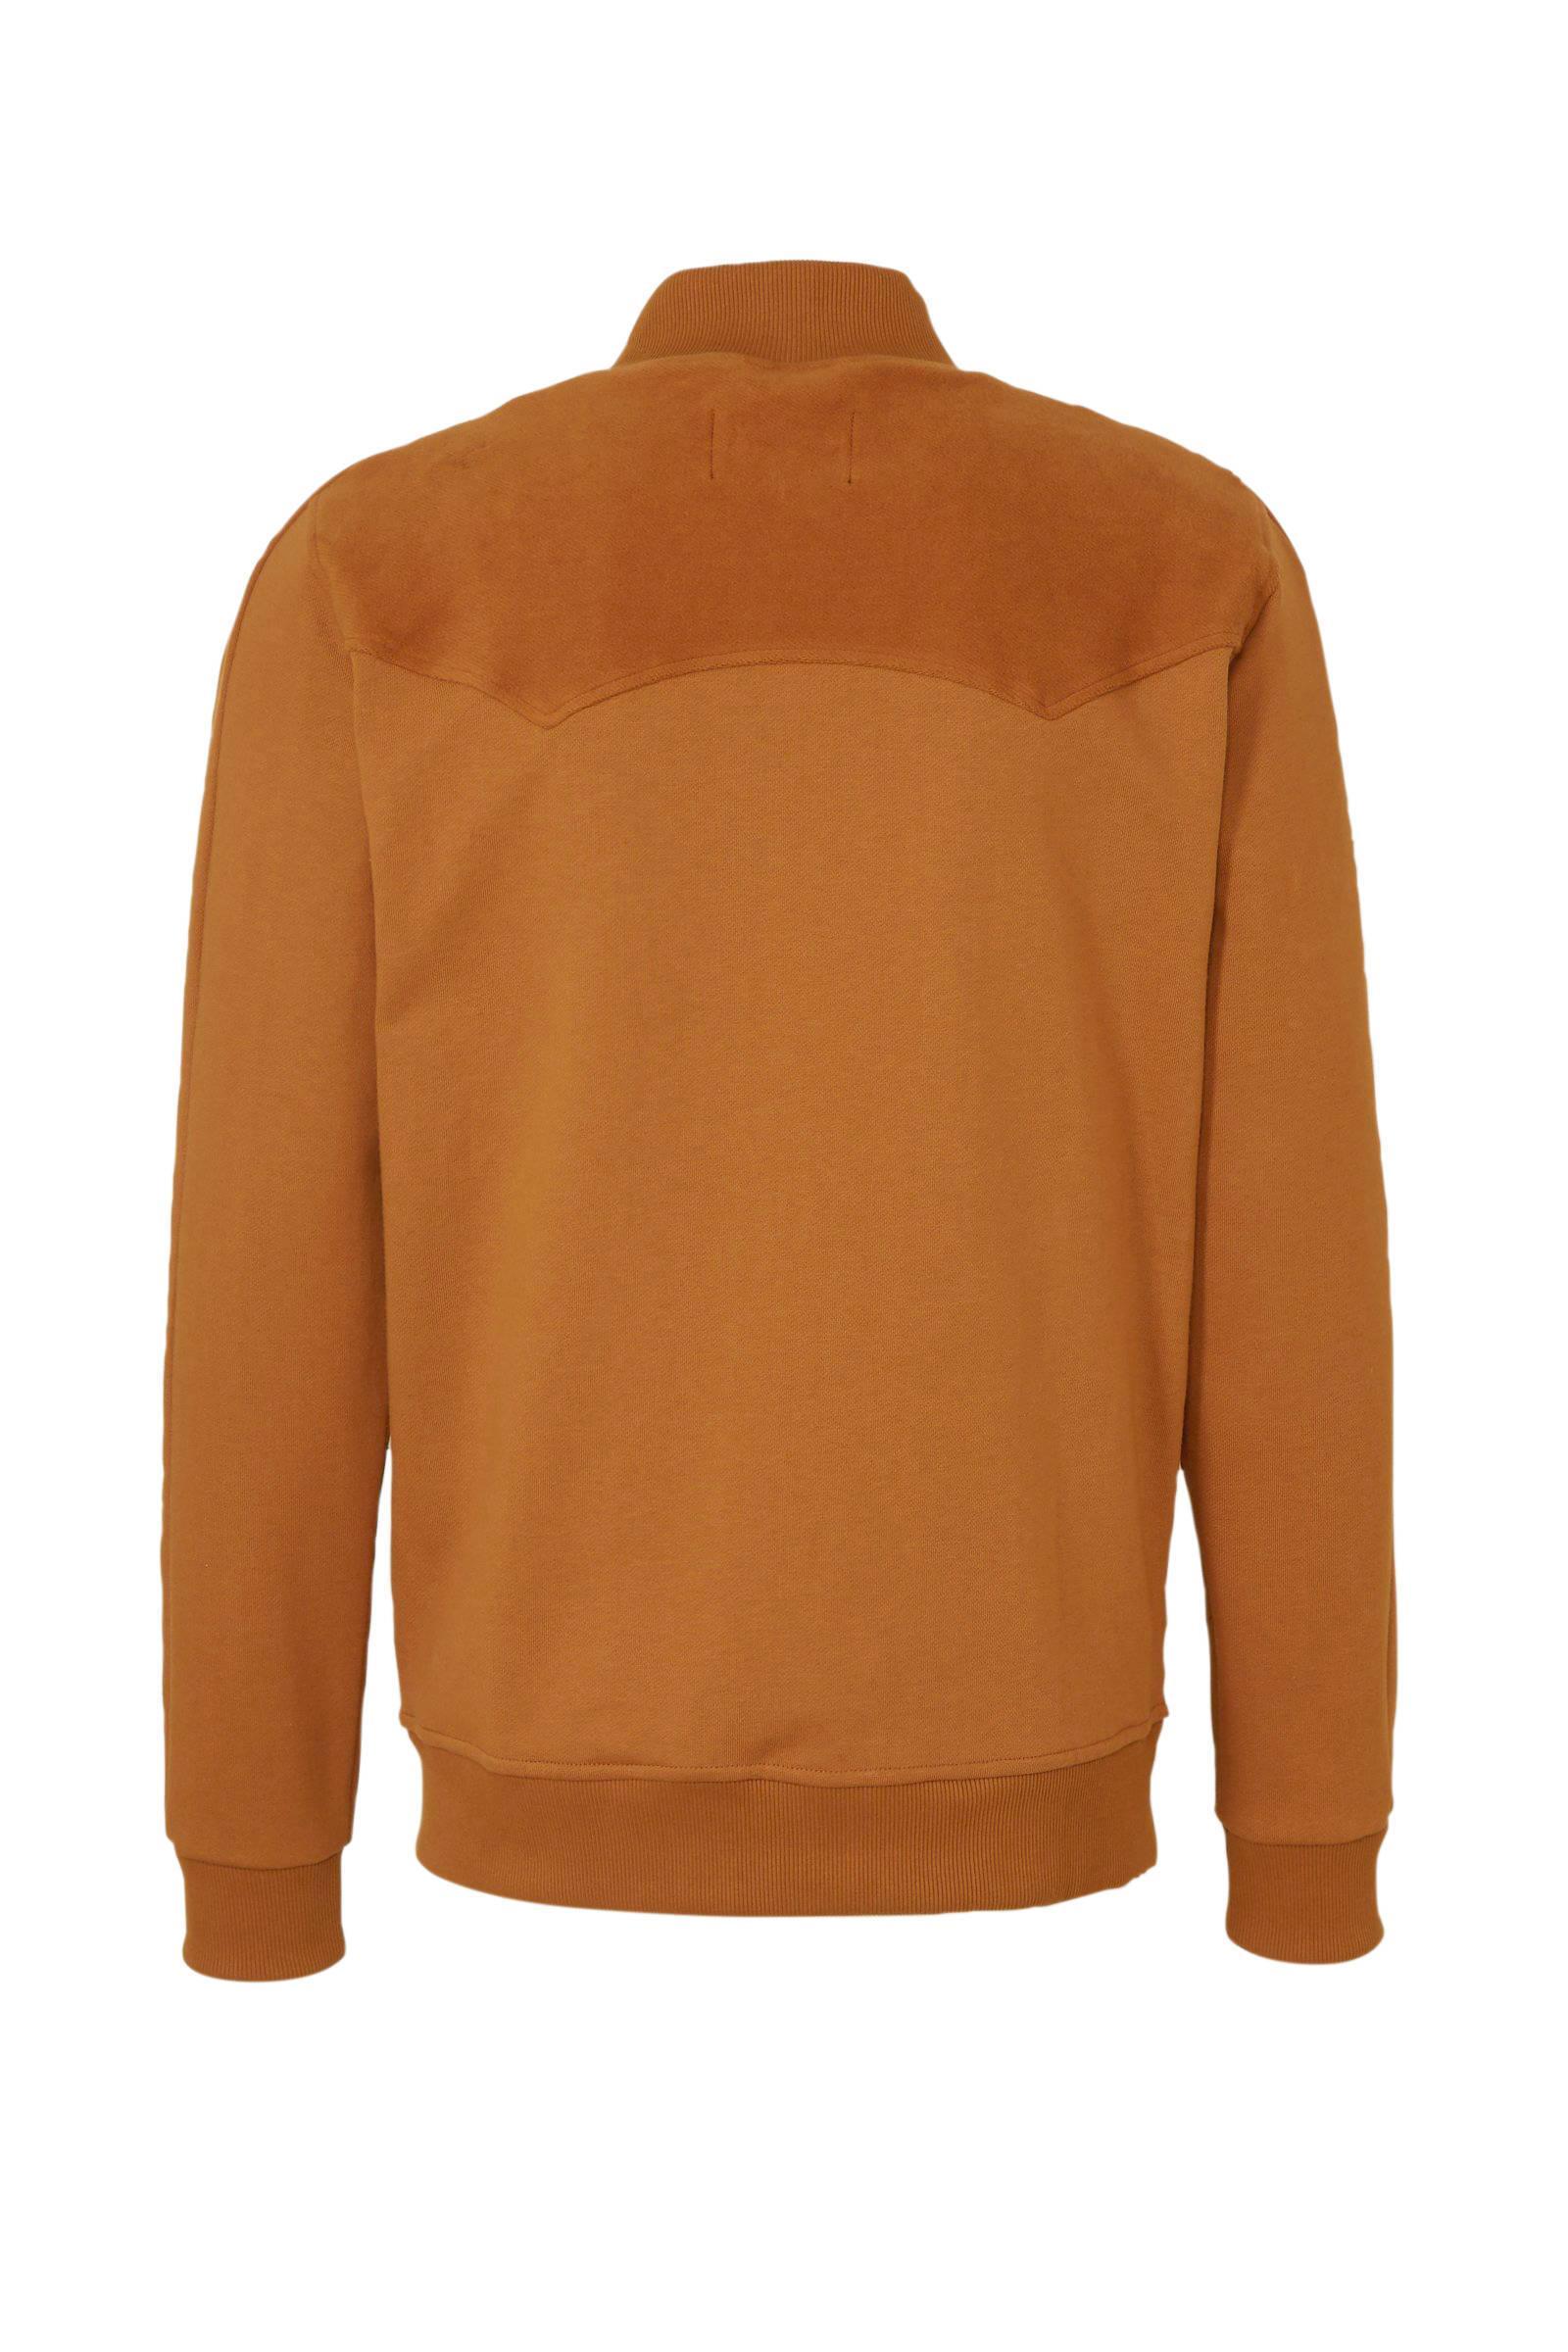 Kultivate Vest Oranje in het Oranje voor heren